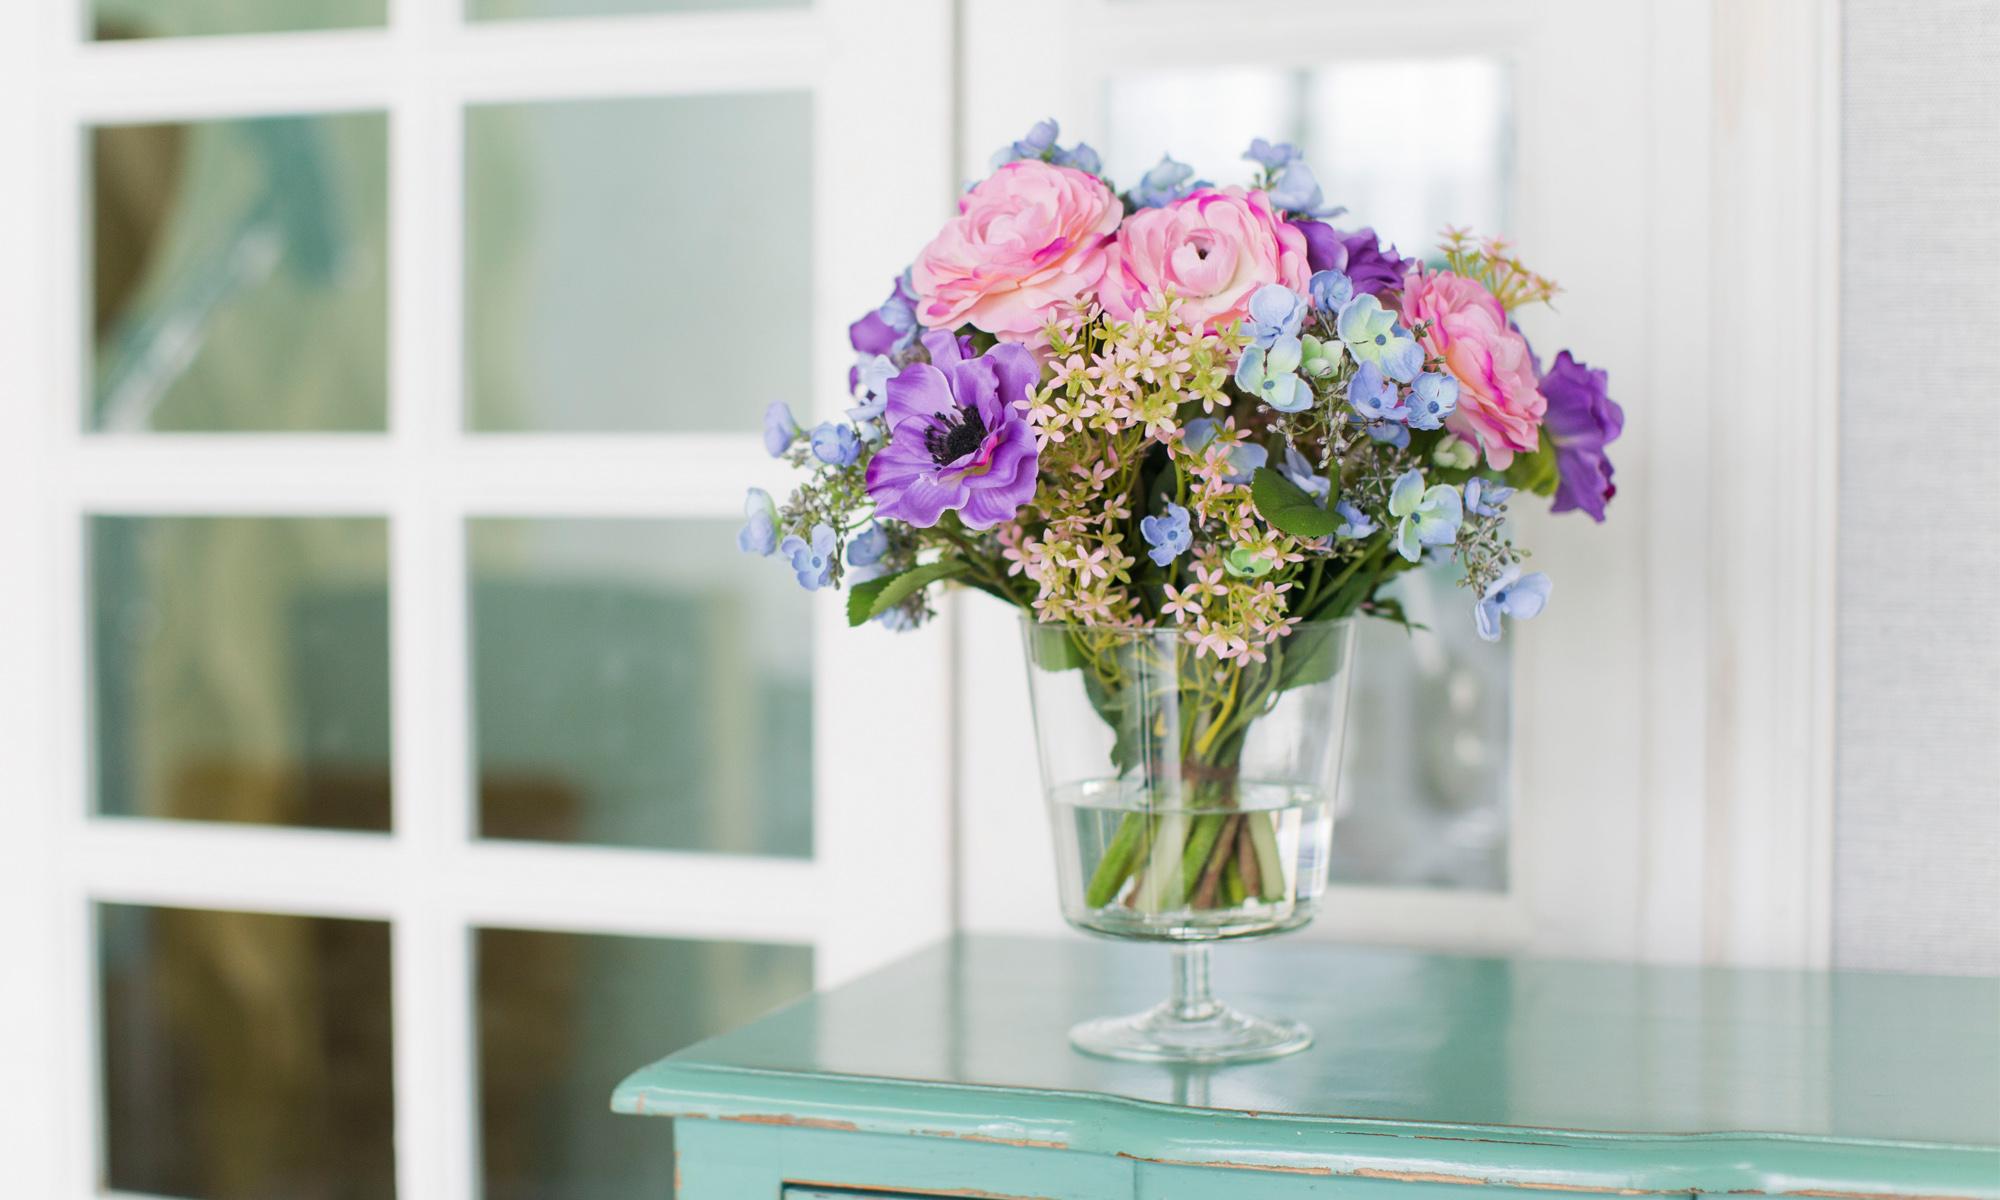 Купить Композиция из искусственных цветов - розовые ранункулюсы, сиреневые анемоны, голубая гортензия, inmyroom, Россия